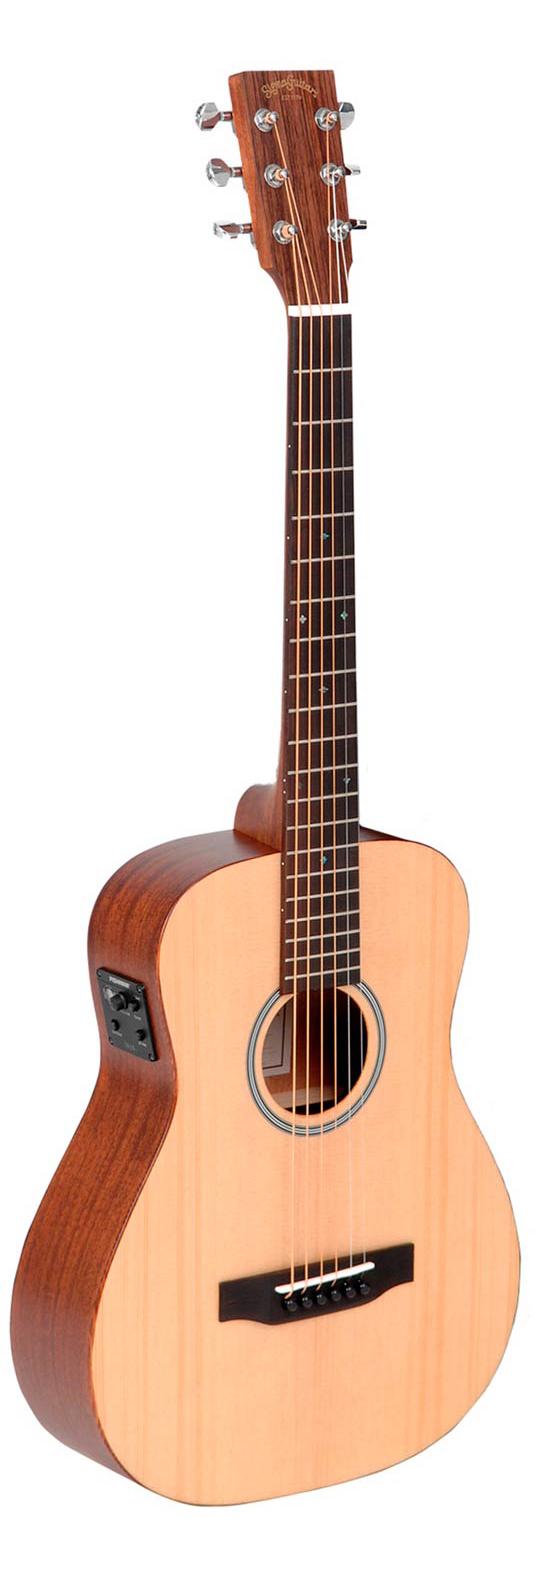 Sigma Guitar TM-12E